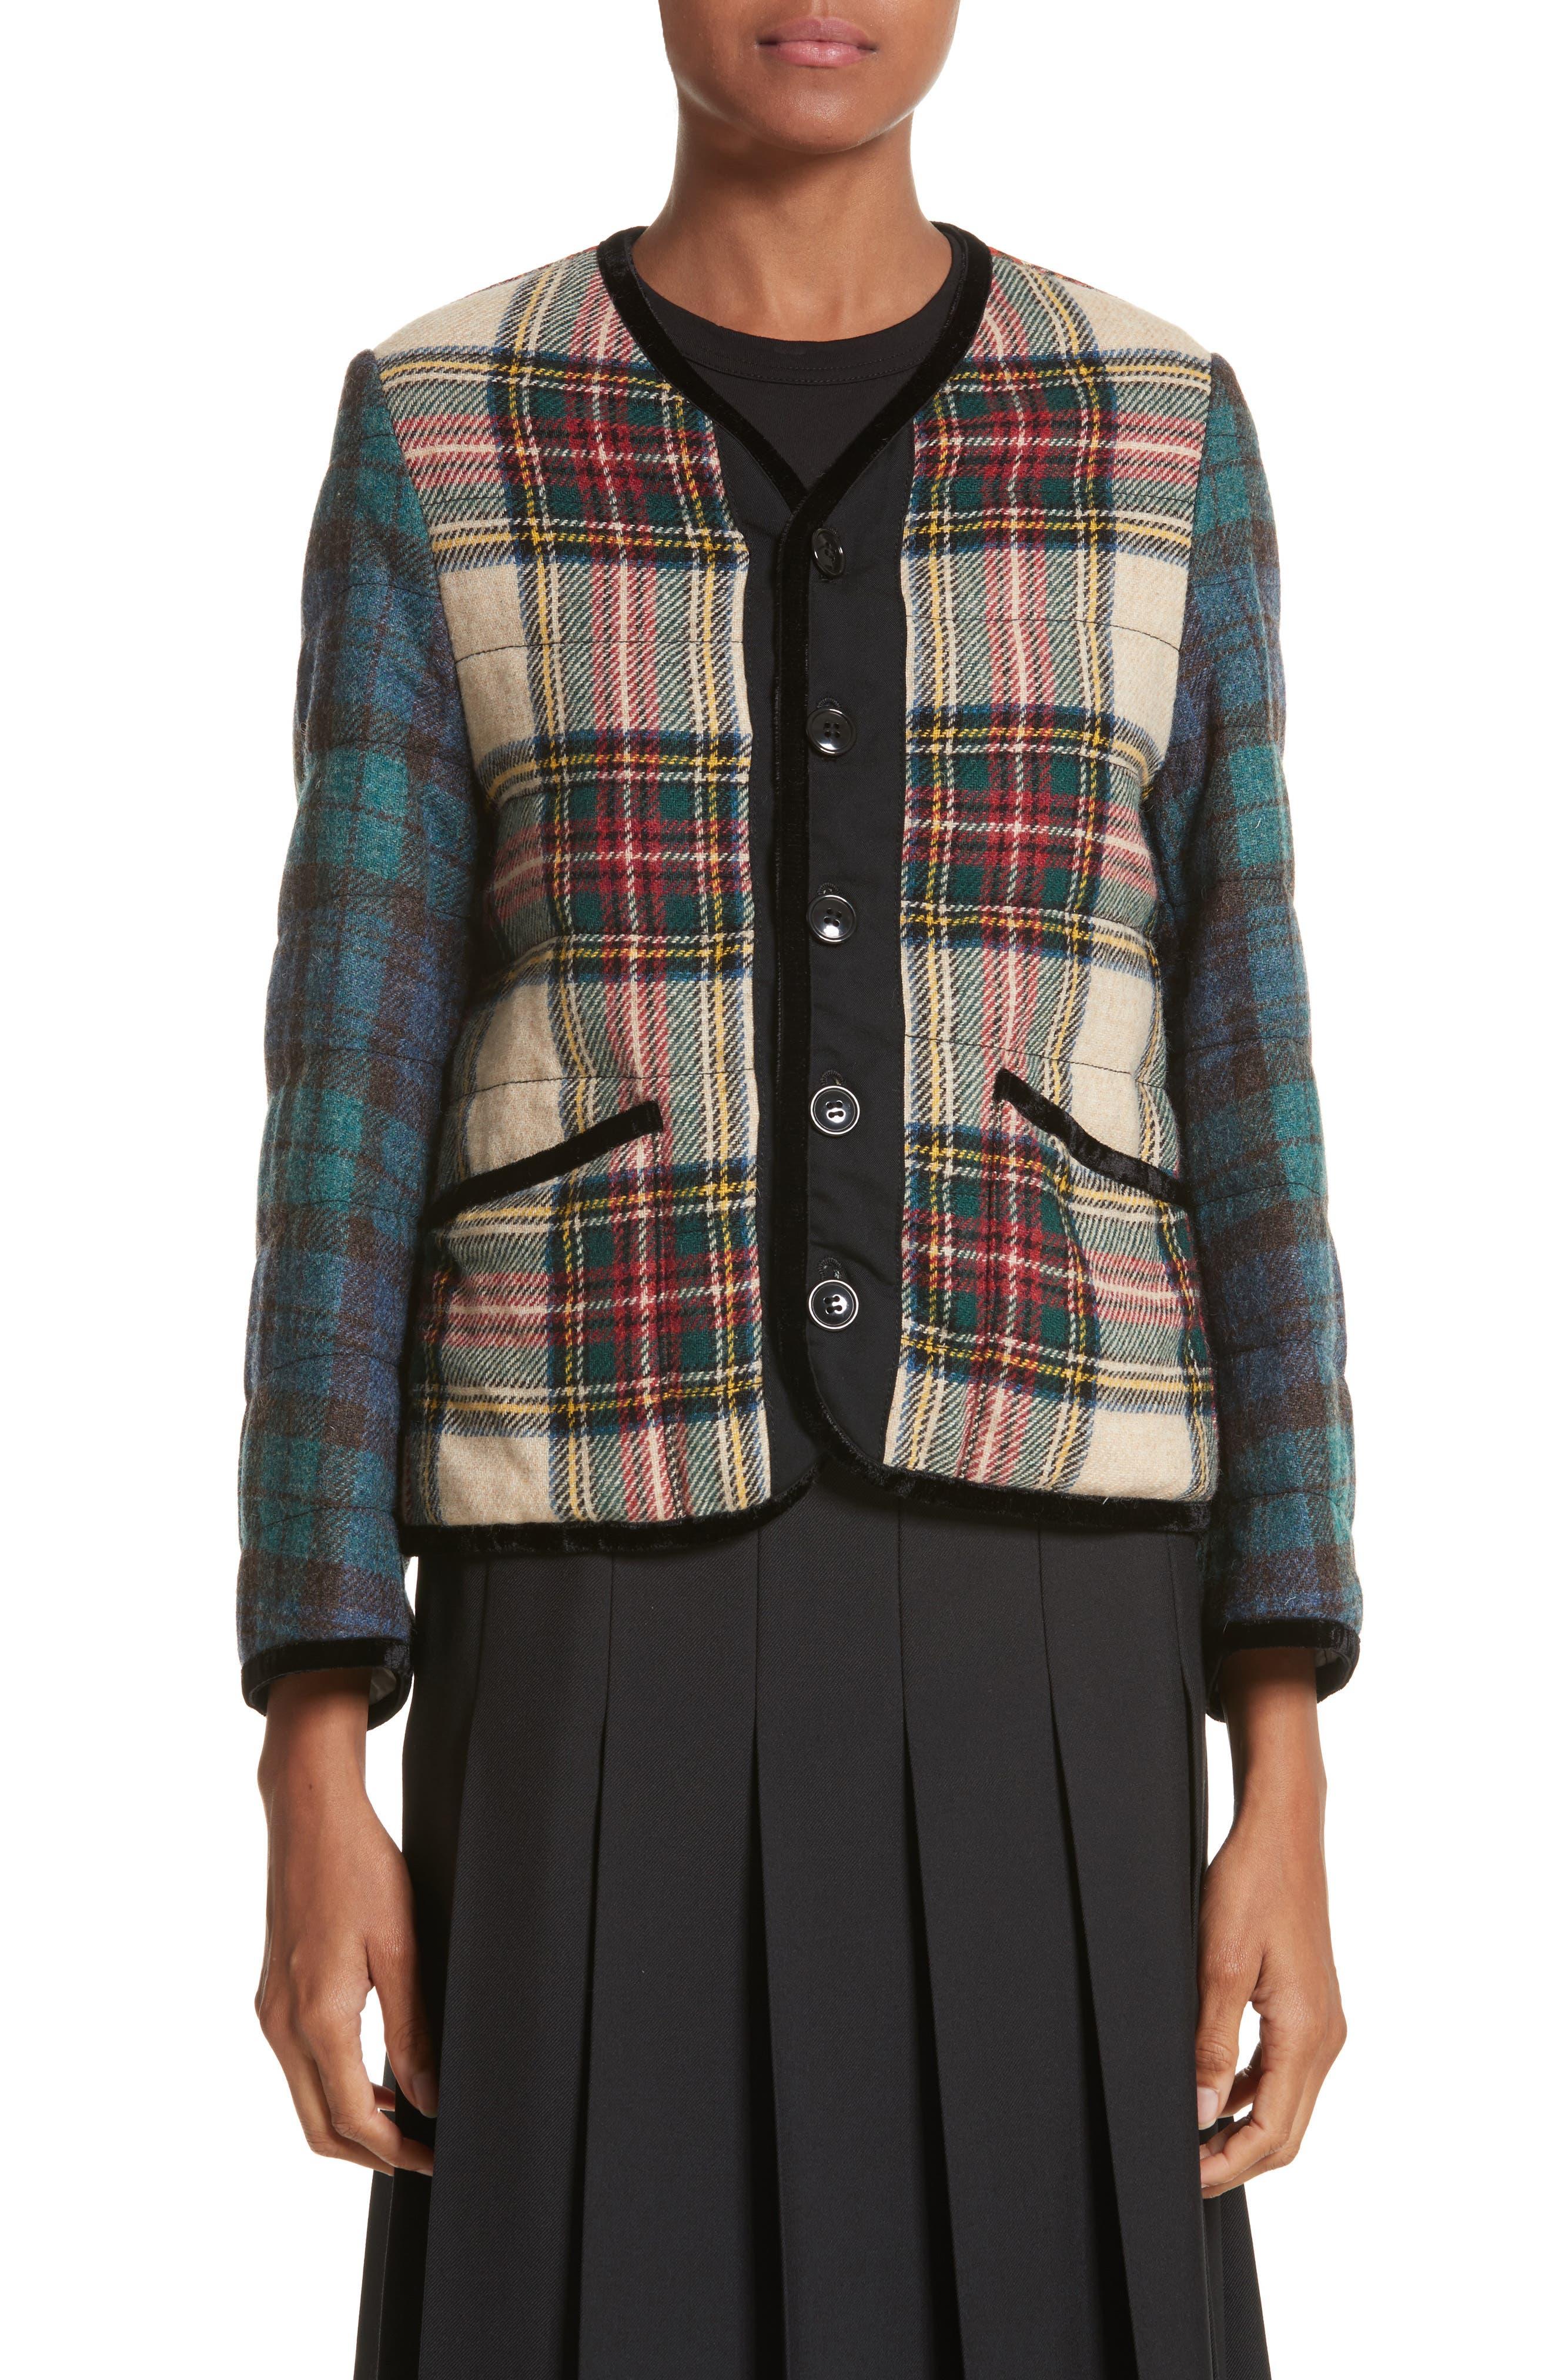 Mixed Tartan Wool Jacket,                         Main,                         color, 960